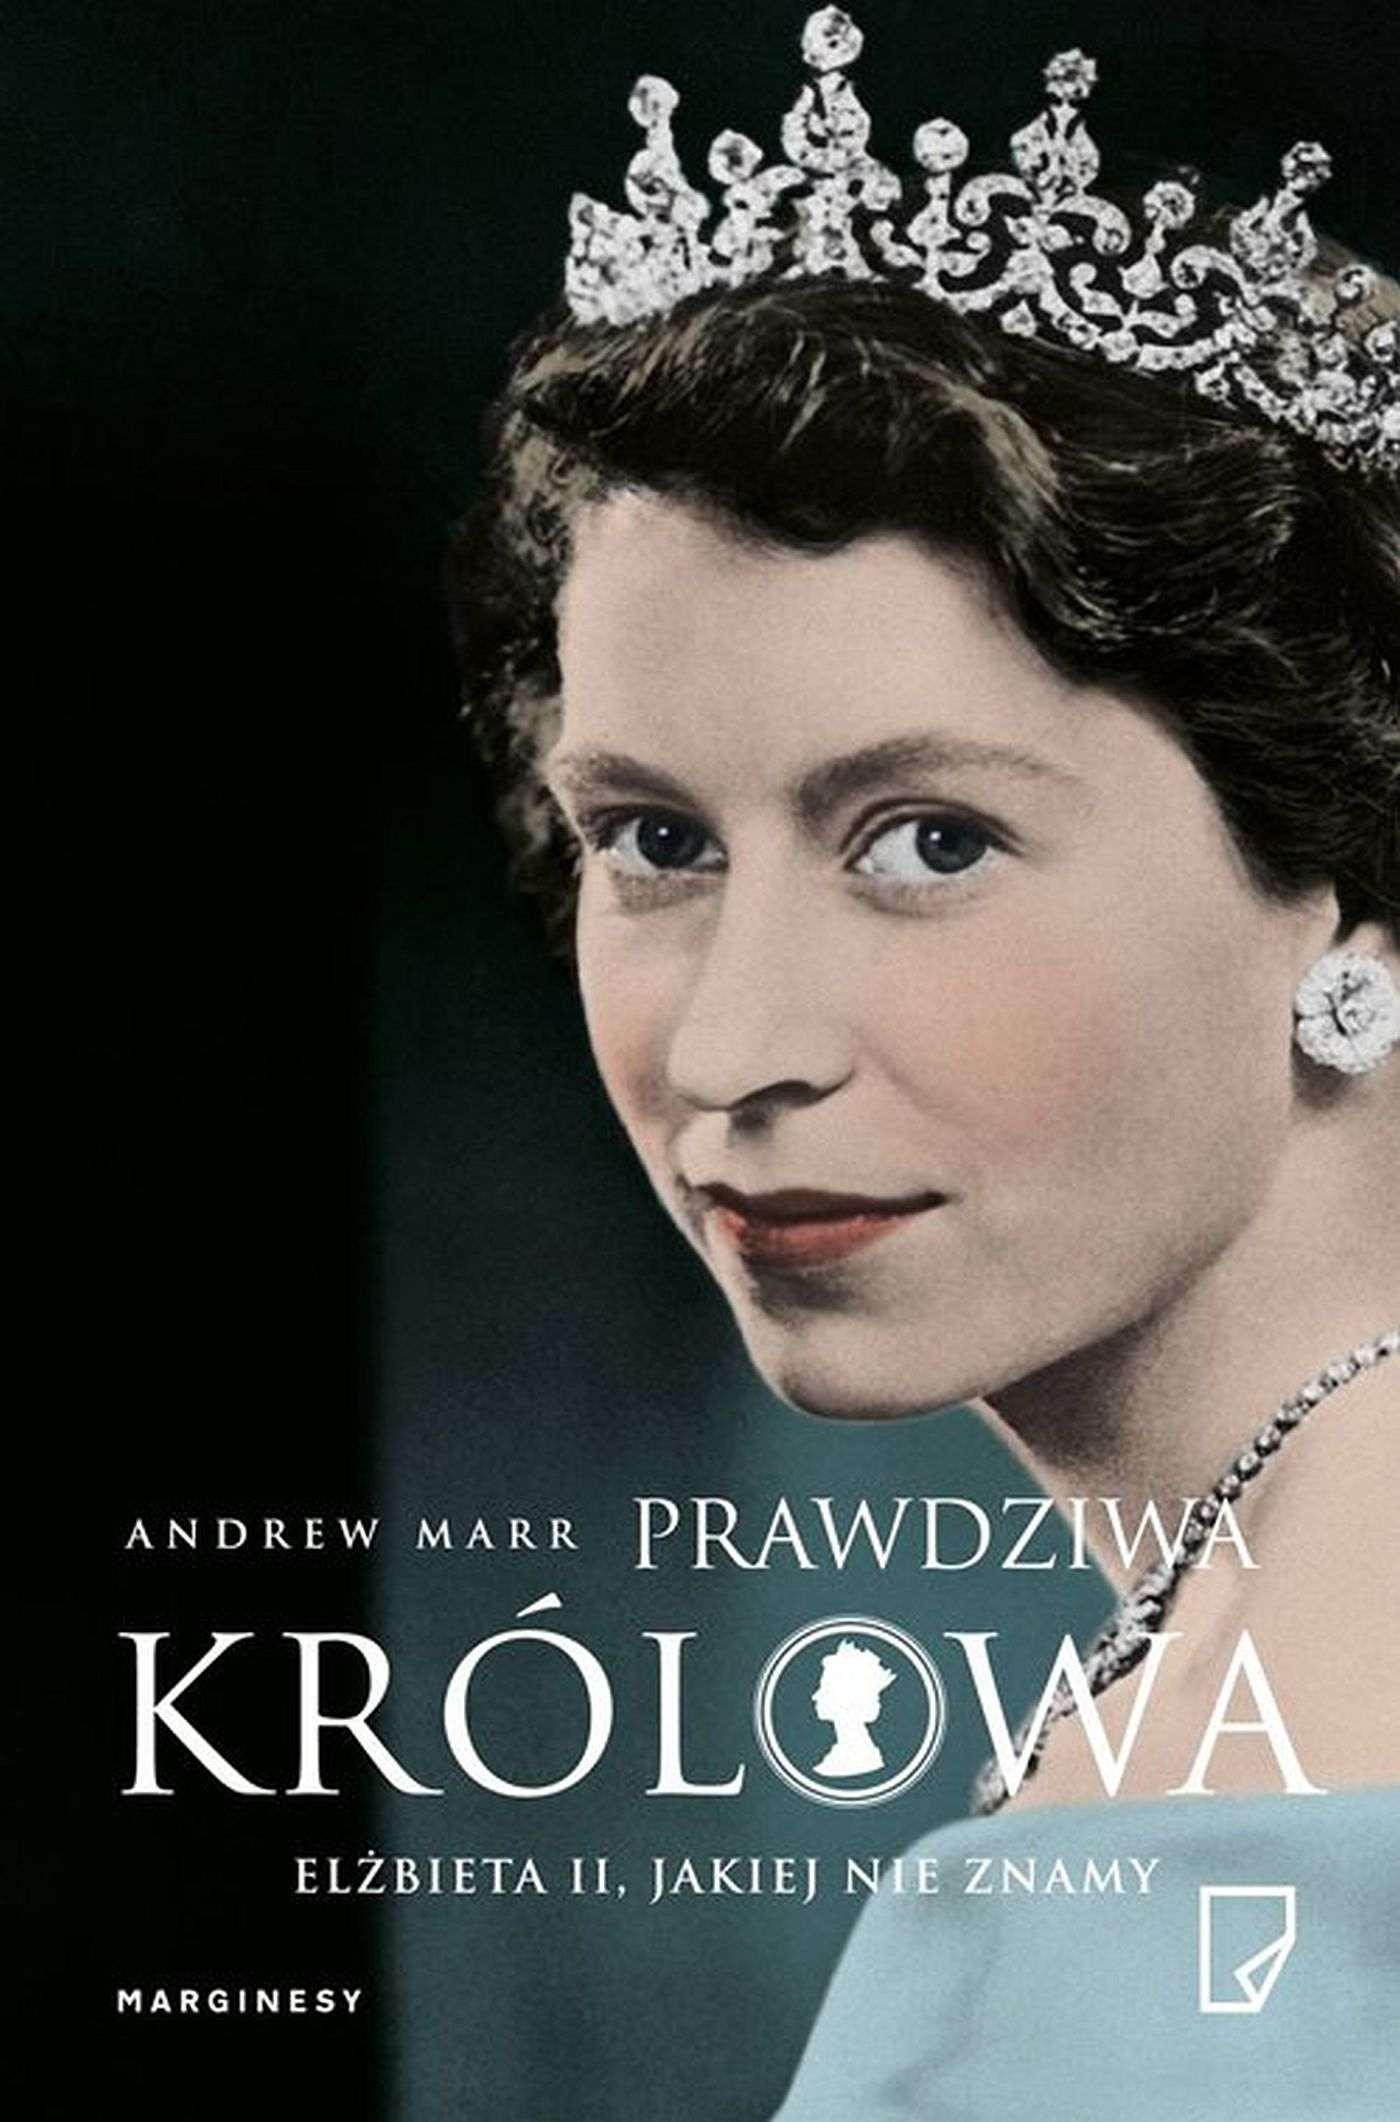 Prawdziwa królowa - Ebook (Książka EPUB) do pobrania w formacie EPUB